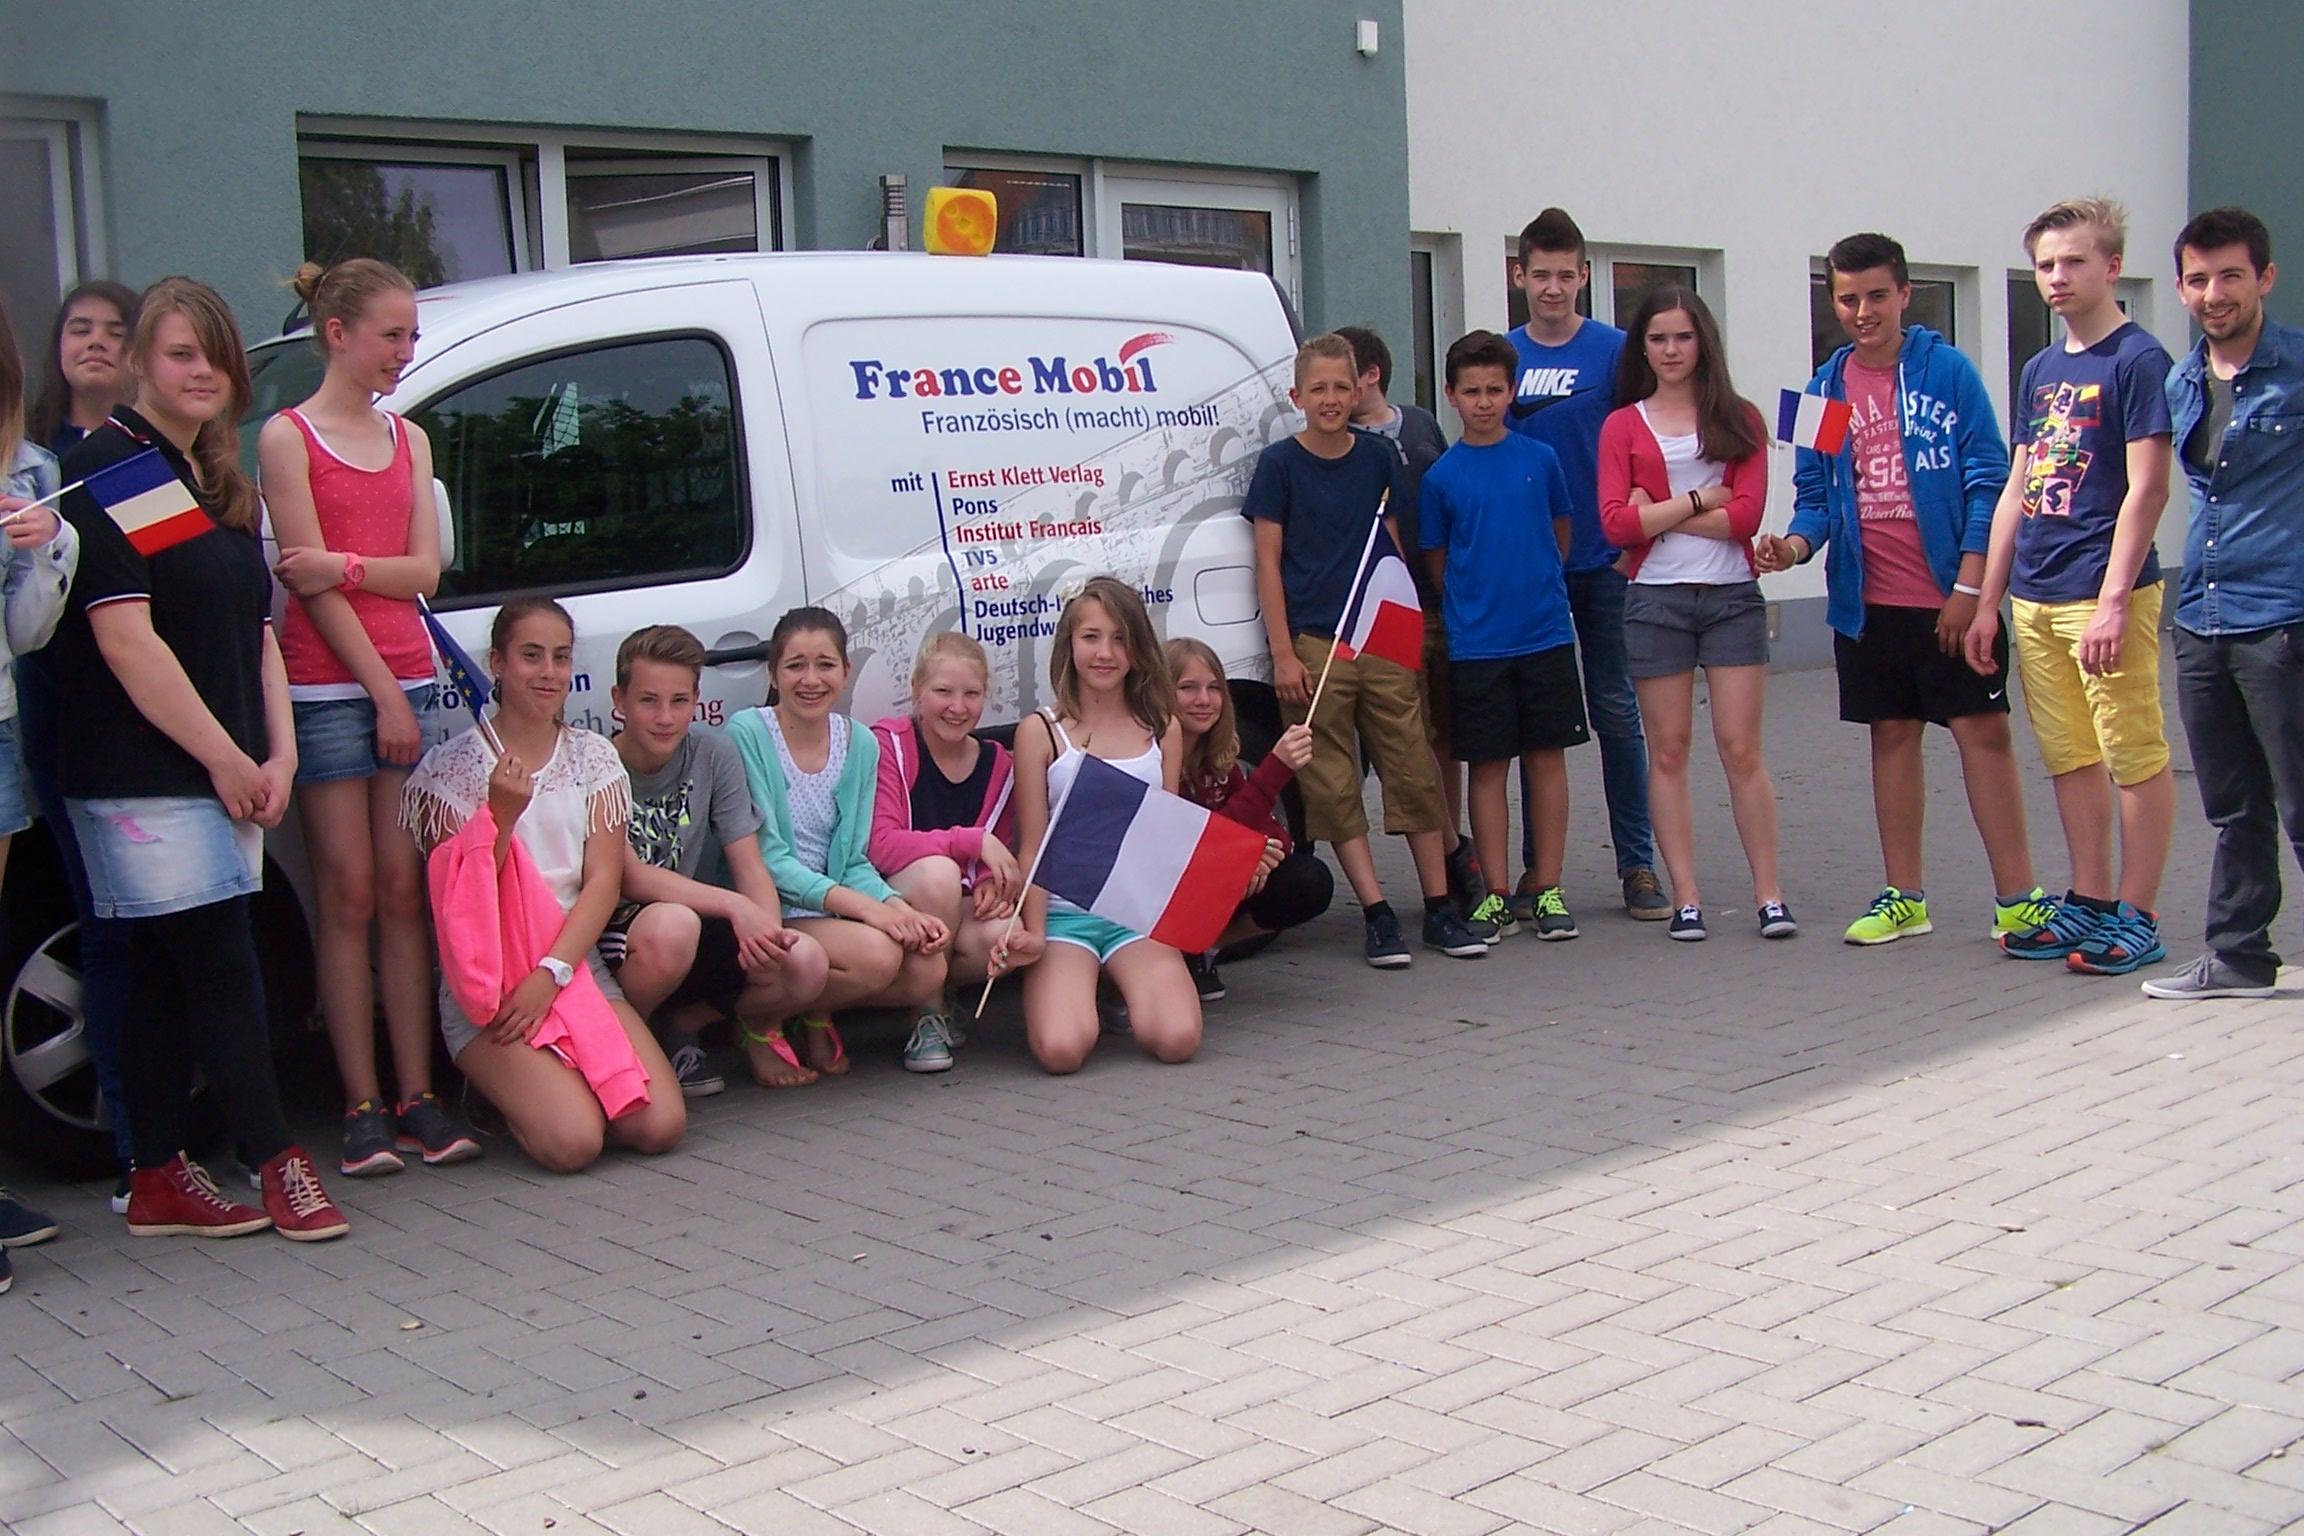 France Mobil zu Gast an der Taunusschule